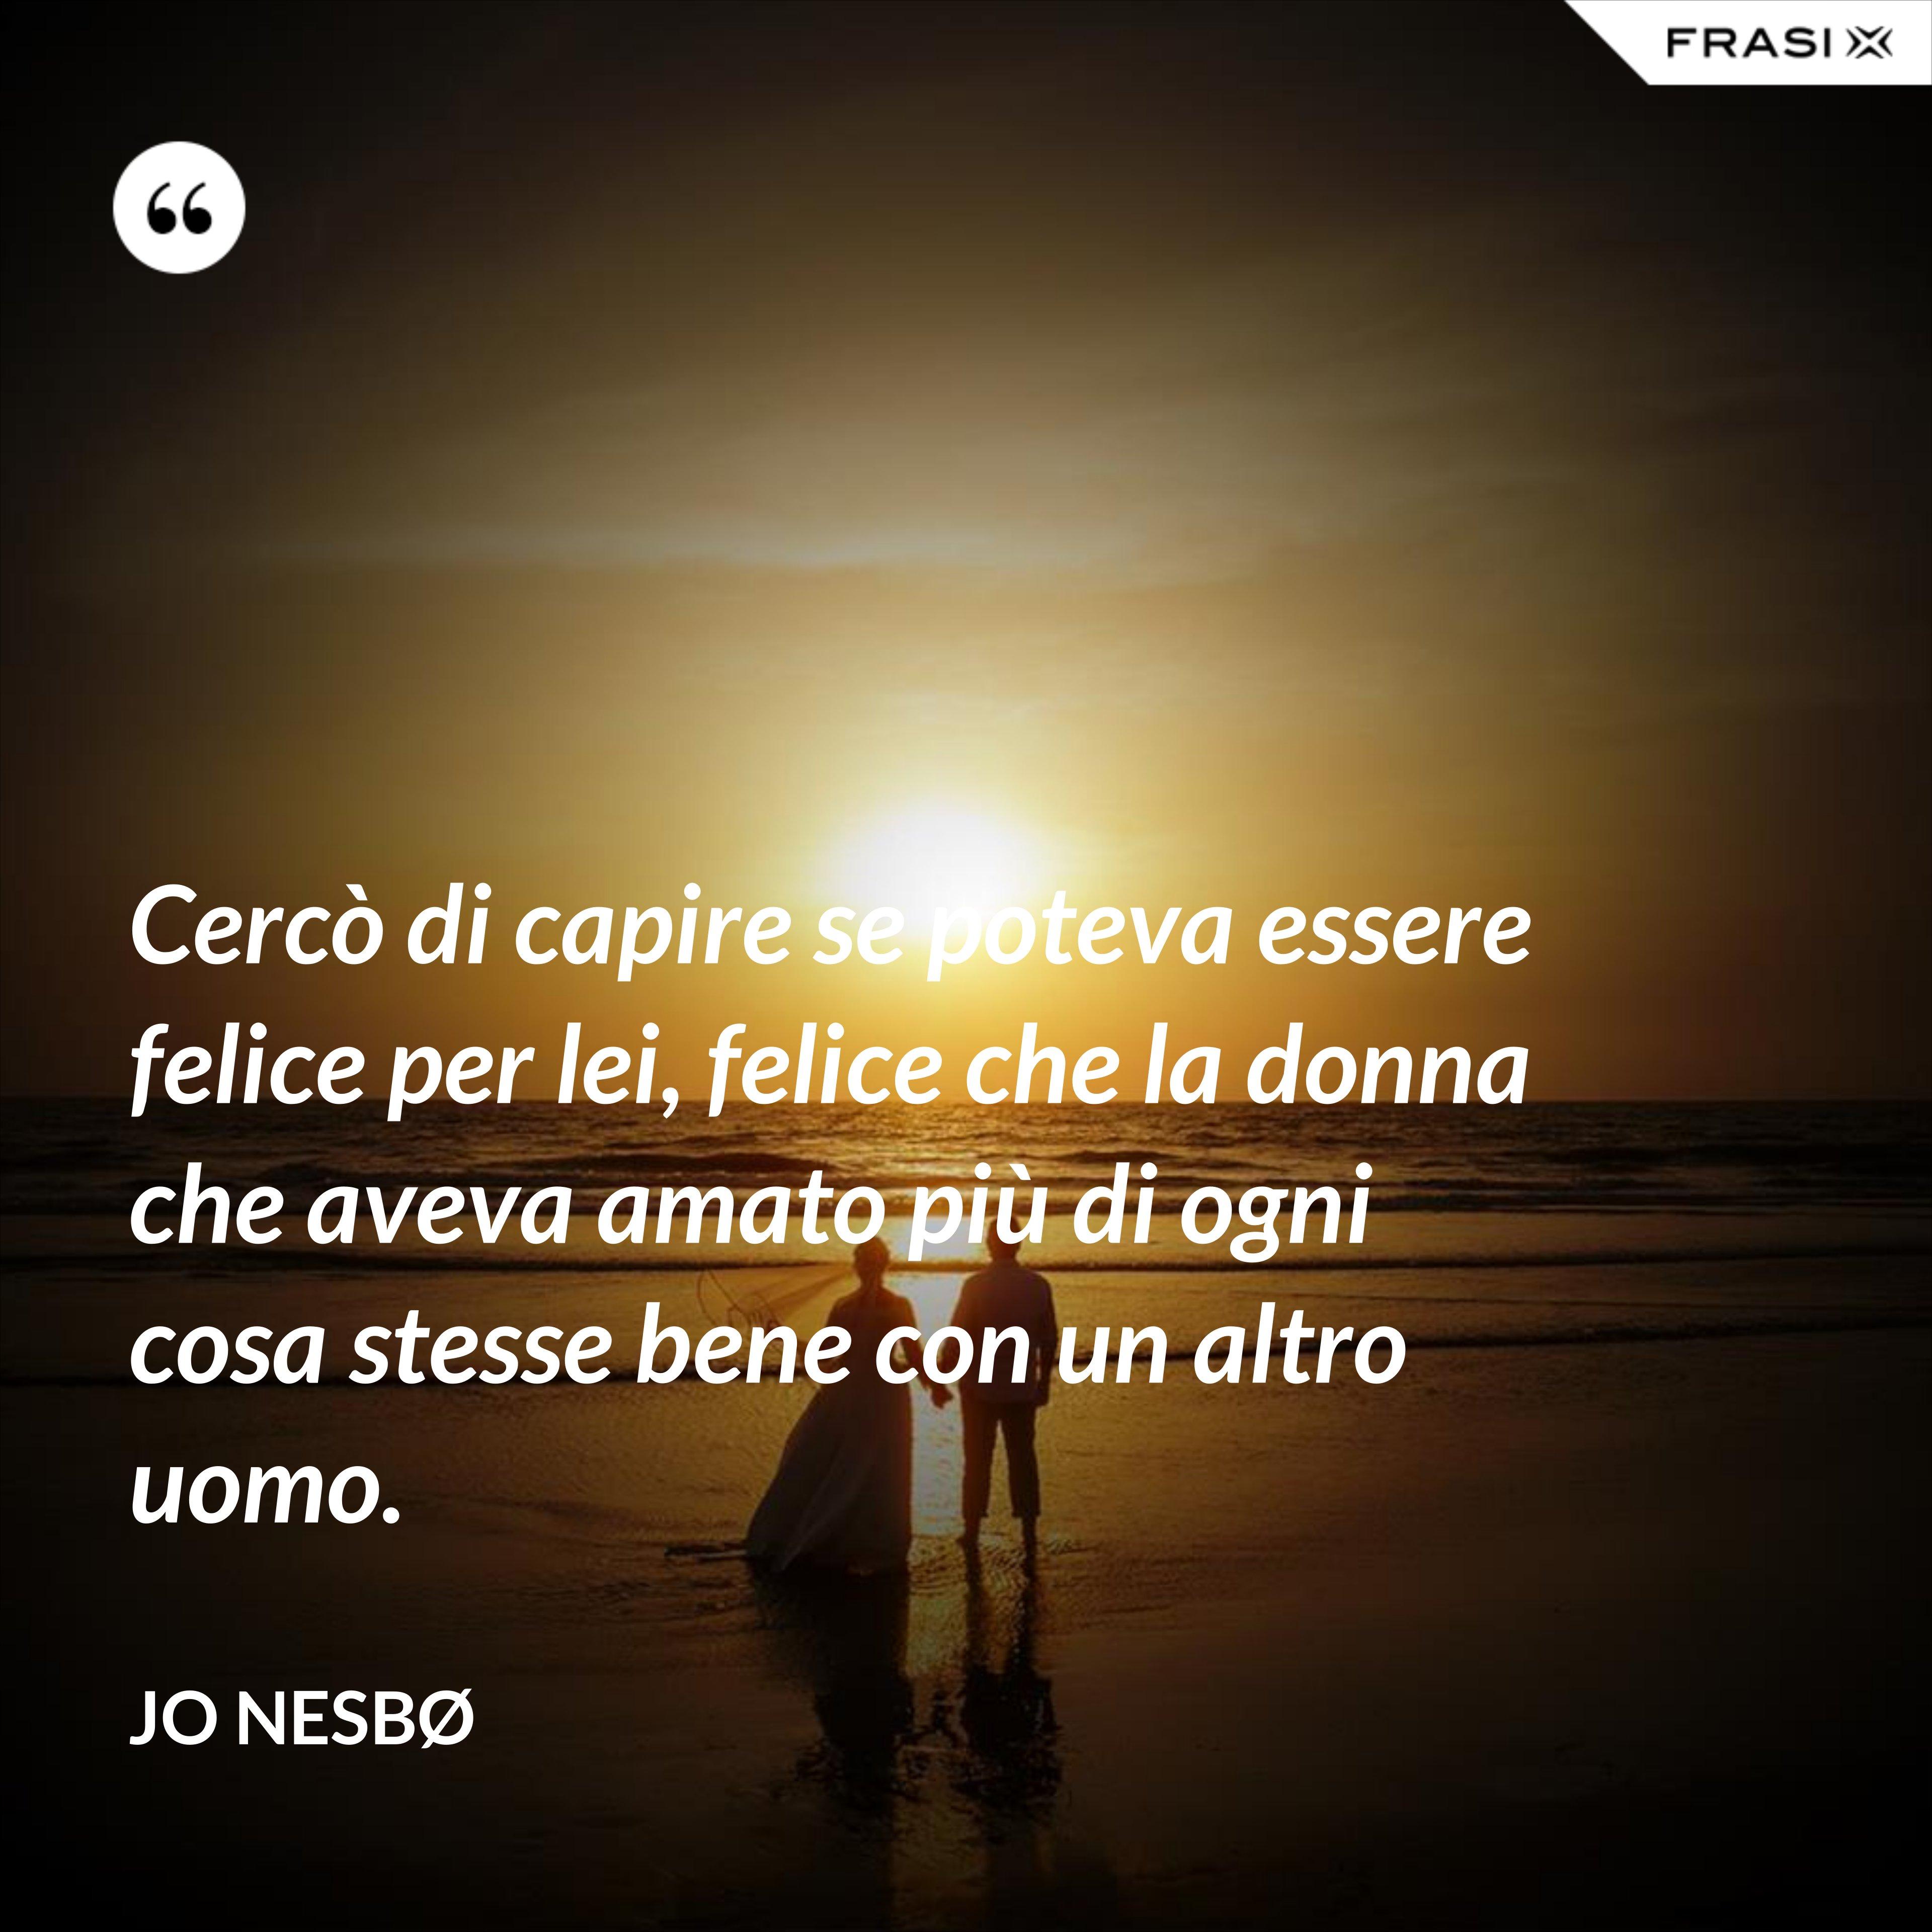 Cercò di capire se poteva essere felice per lei, felice che la donna che aveva amato più di ogni cosa stesse bene con un altro uomo. - JO NESBØ